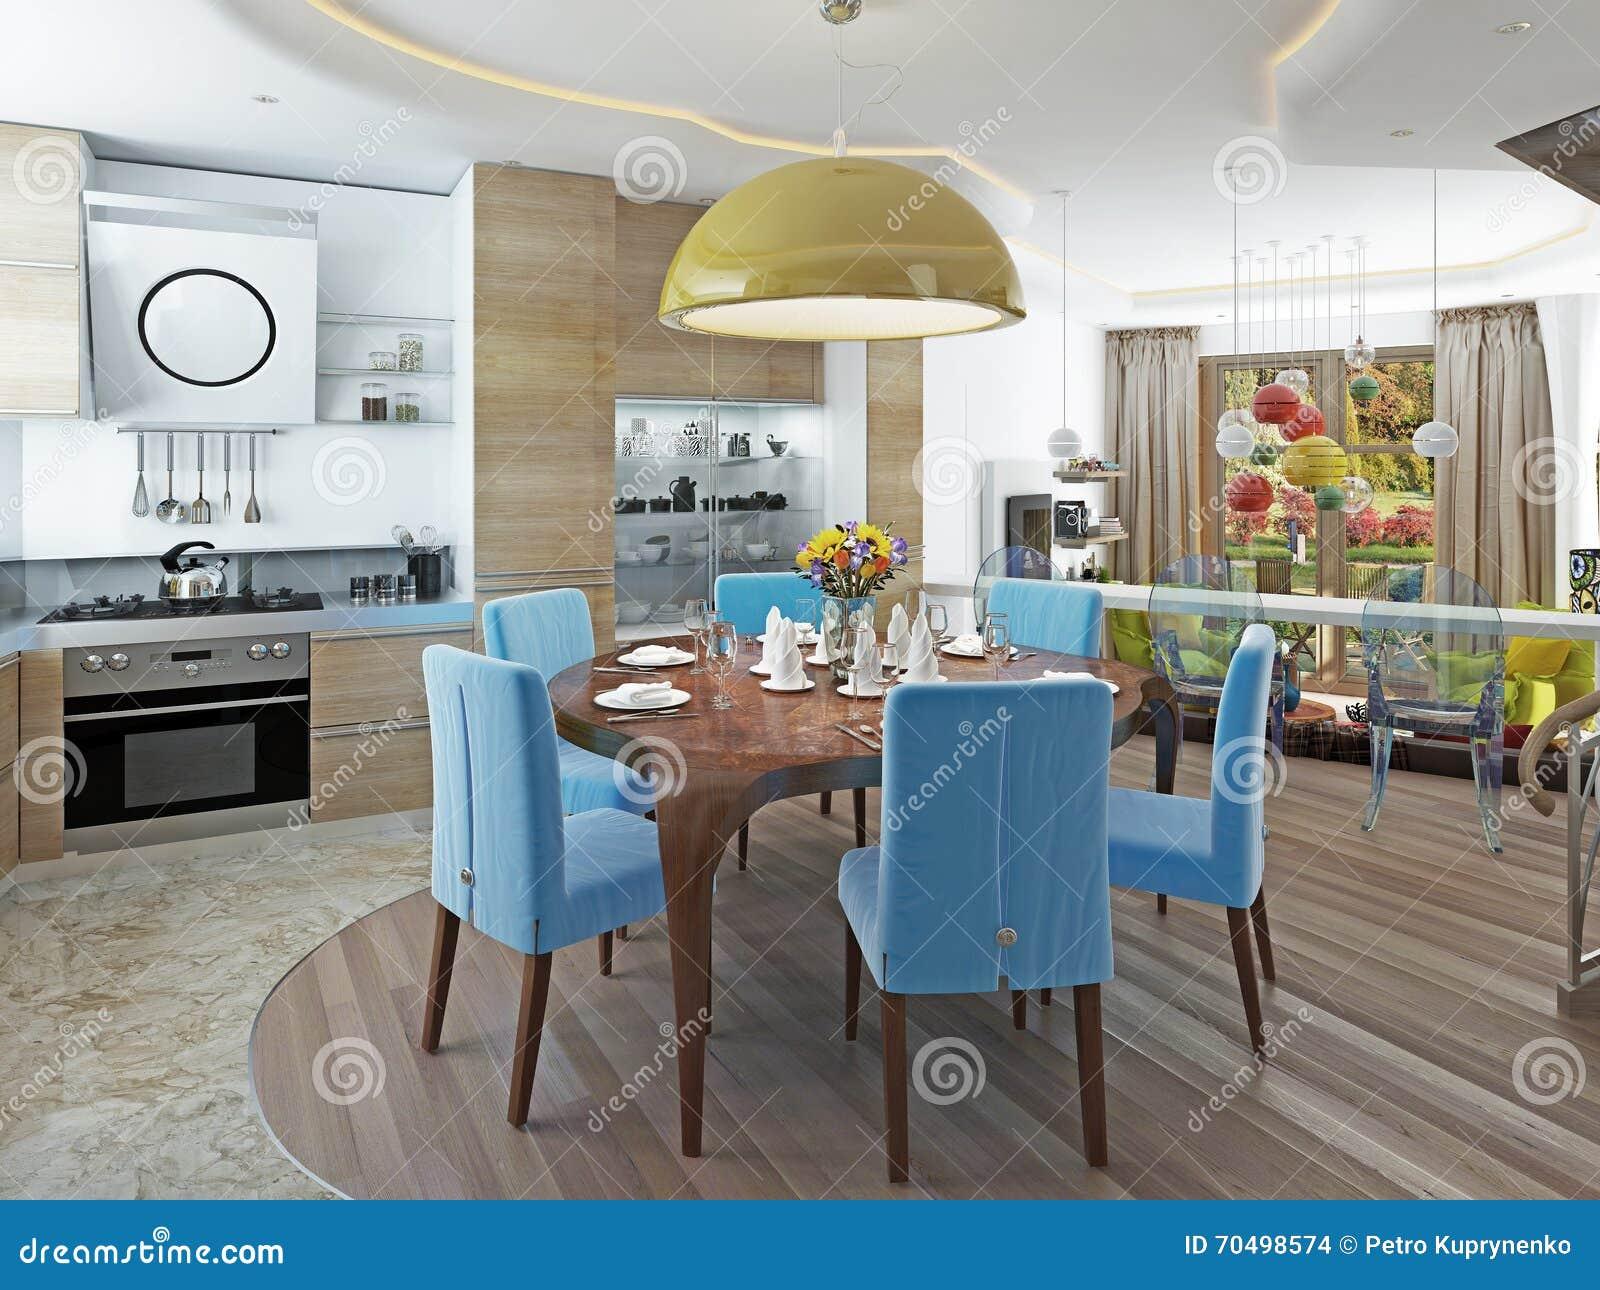 Download Modernes Esszimmer Mit Küche In Einem Modischen Artkitsch Stock  Abbildung   Illustration Von Stuhl,